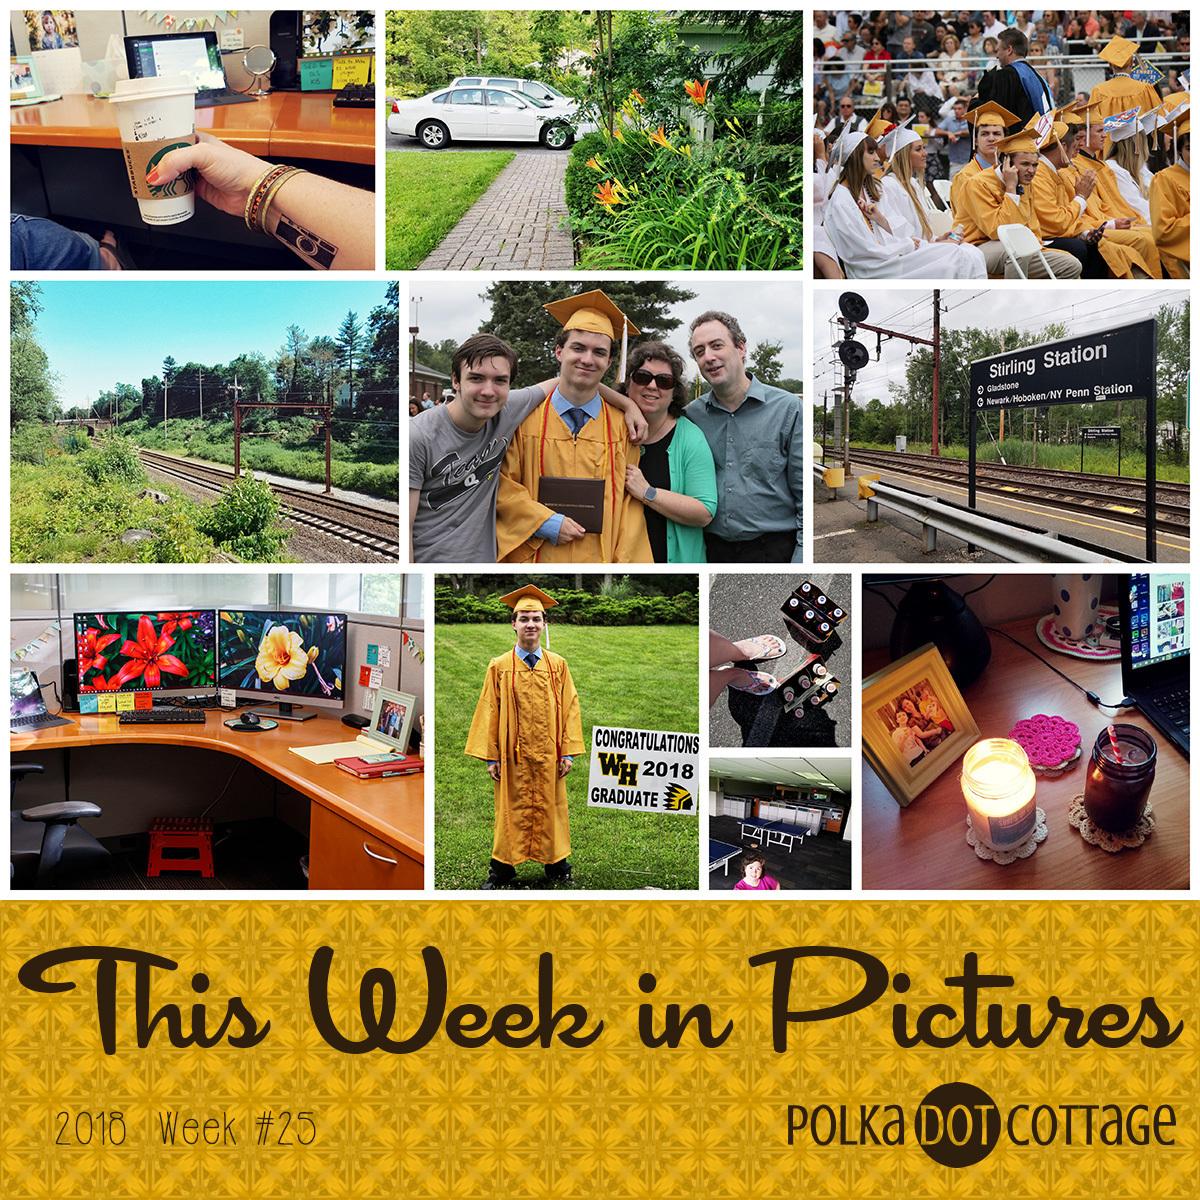 This Week in Pictures, Week 25, 2018